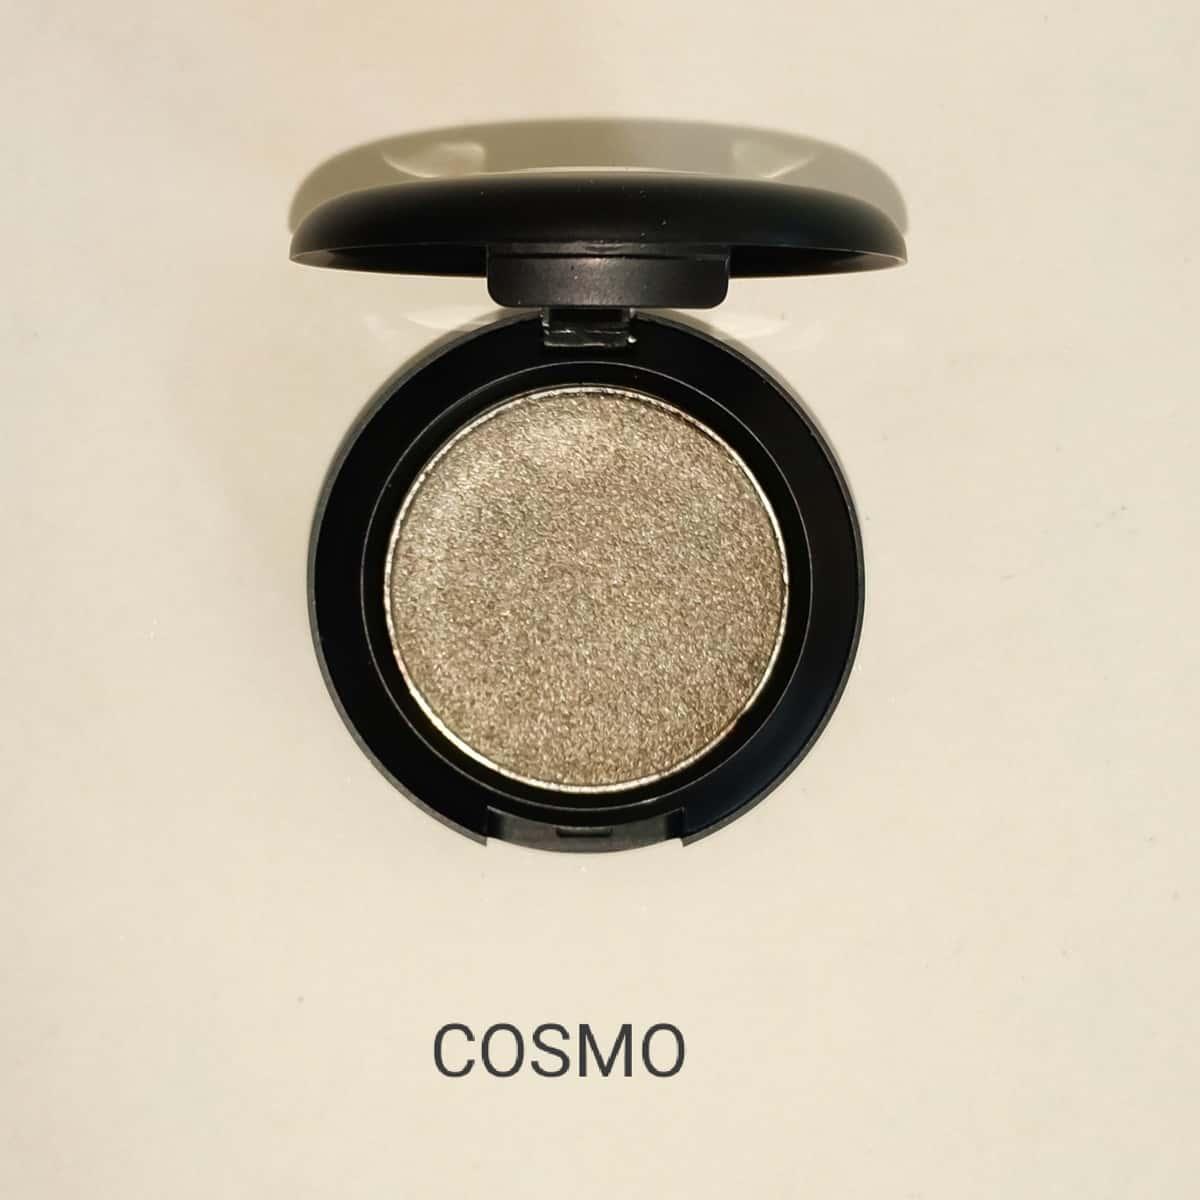 Cosmo-min